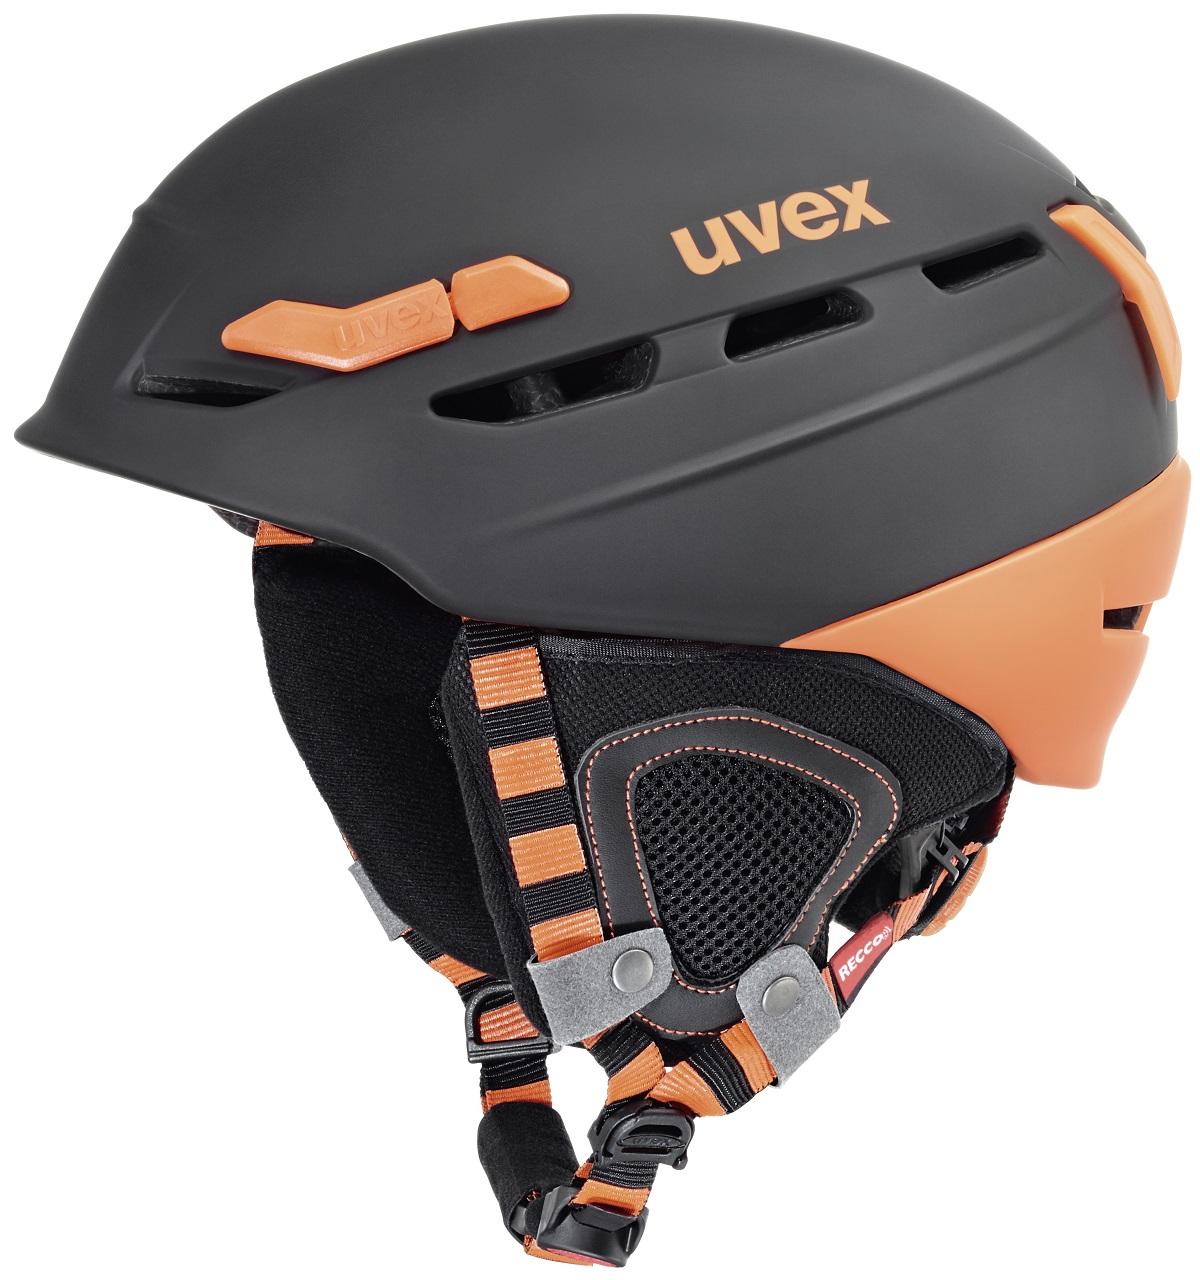 Uvex p.8000 tour 55 - 59 cm